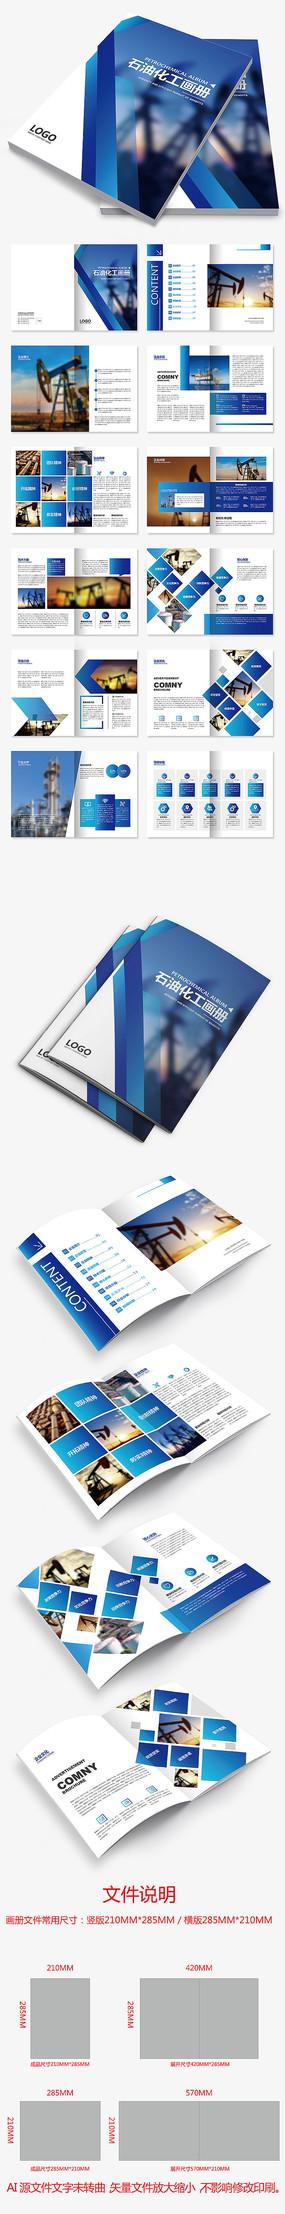 蓝色中石油中石化能源化工科技探钻井画册